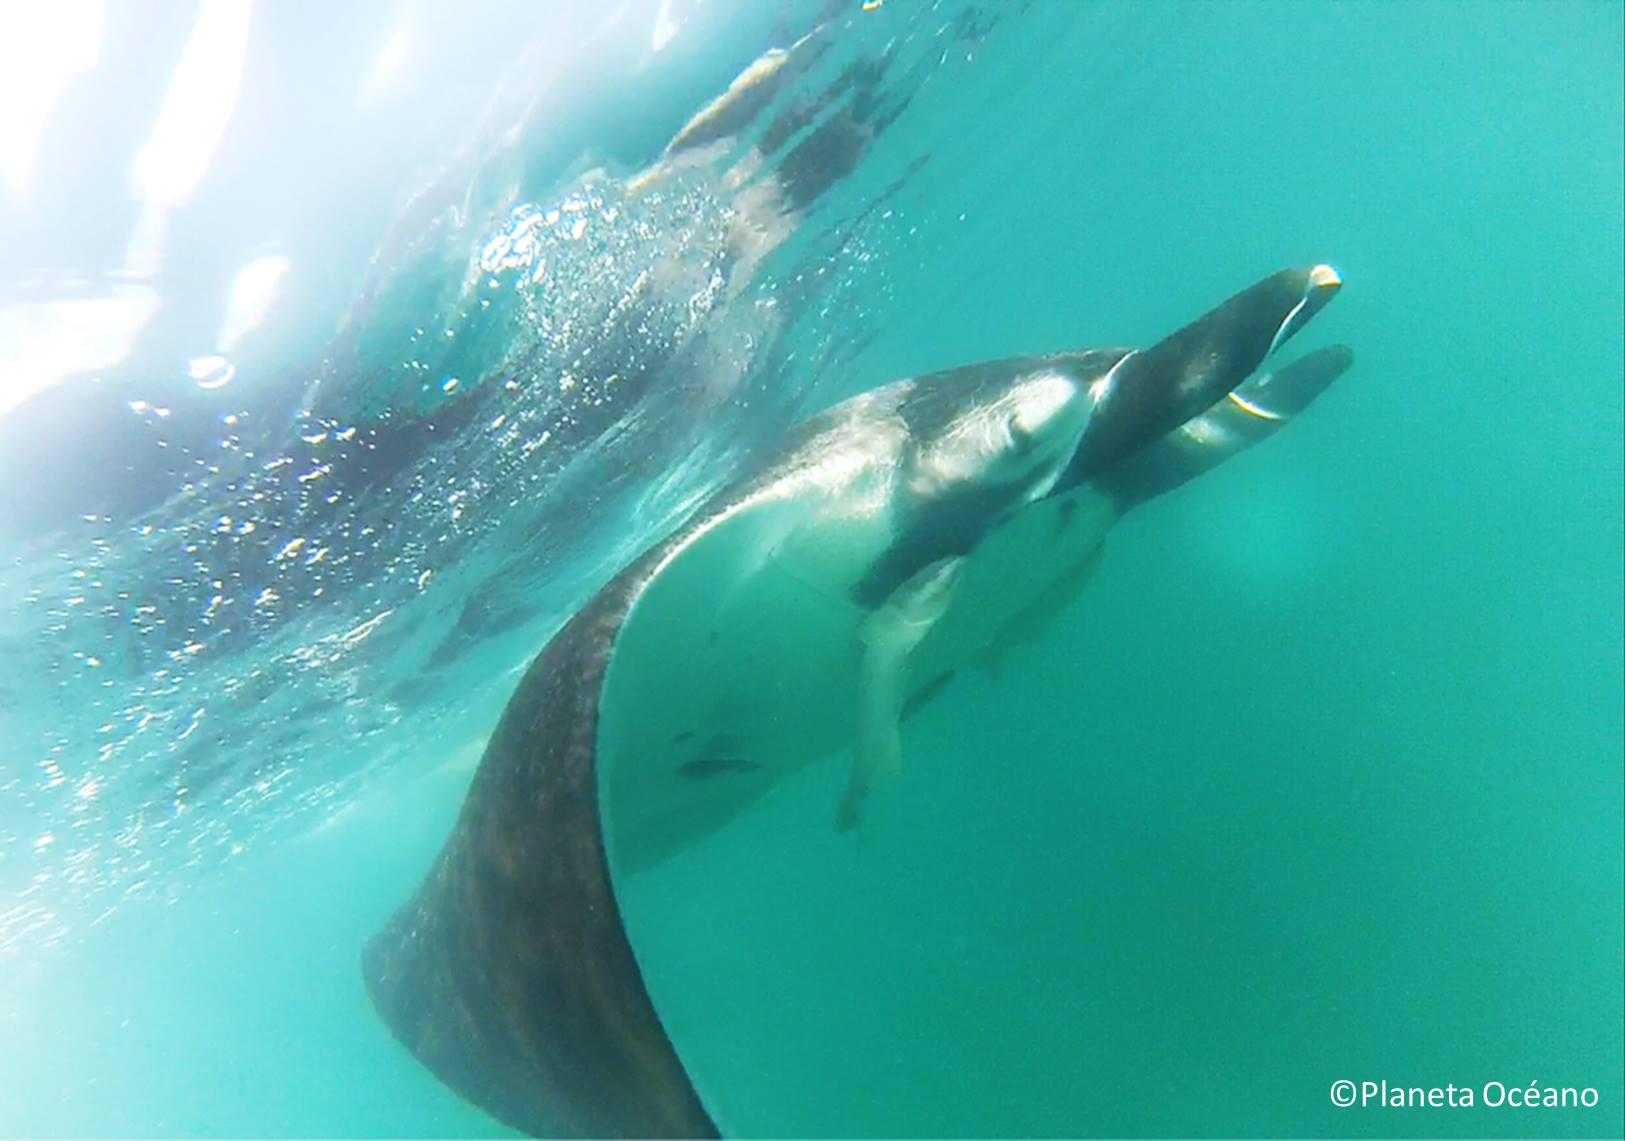 © Planeta Océano – giant manta ray in Zorritos